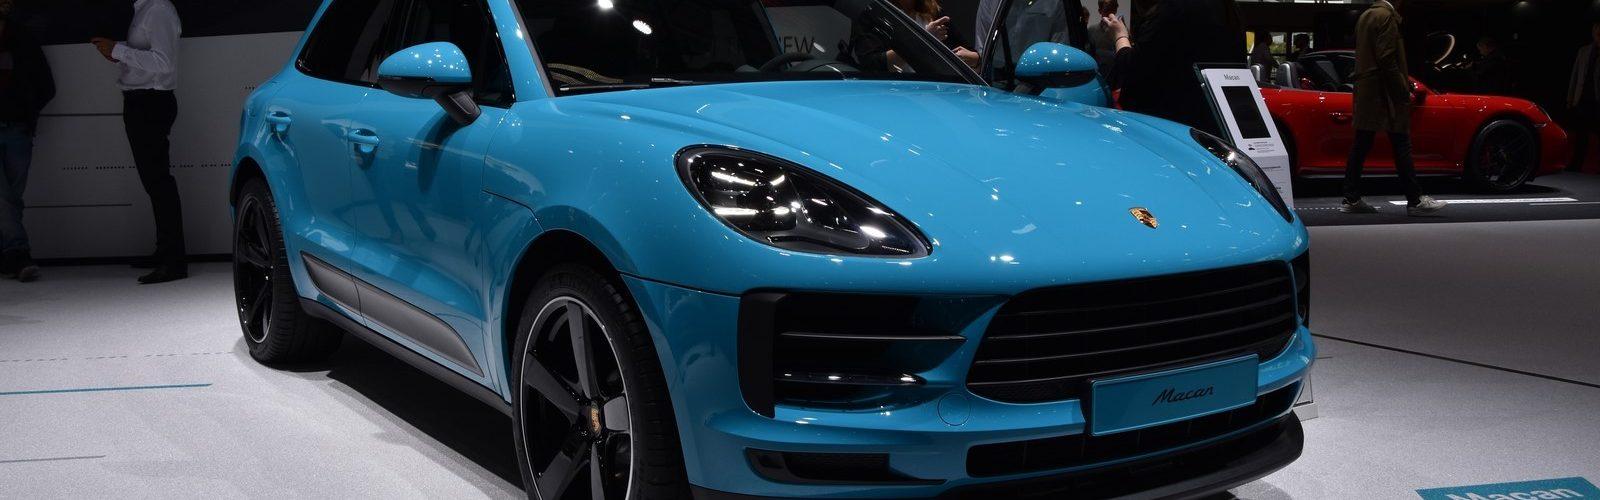 Mondial Paris 2018 Porsche Macan 1